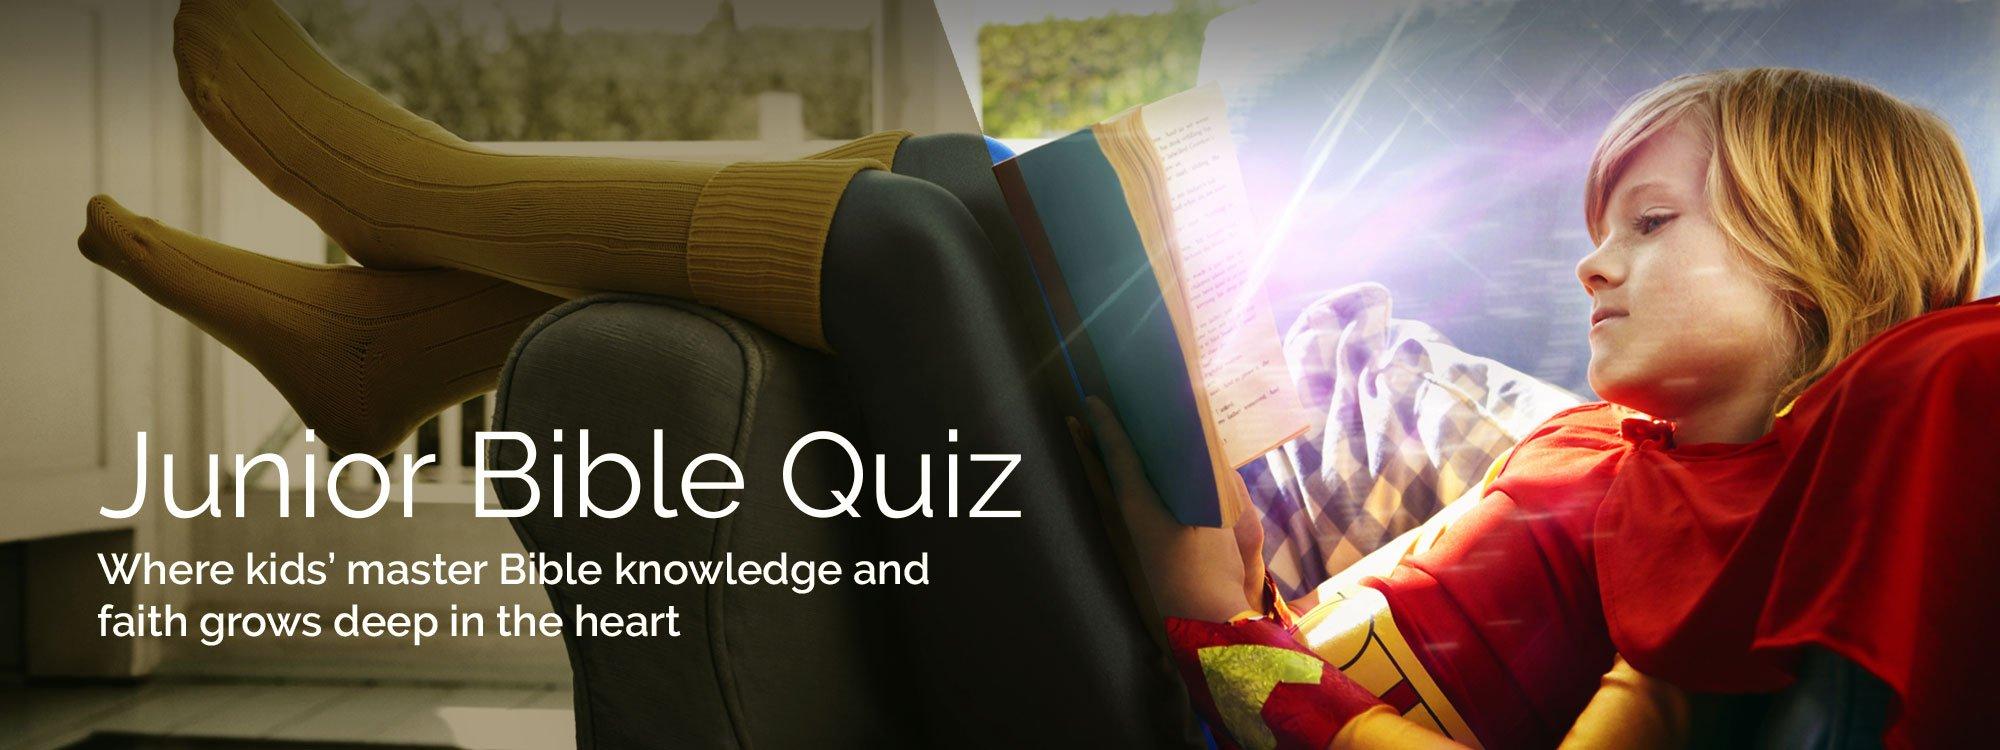 junior bible quiz questions